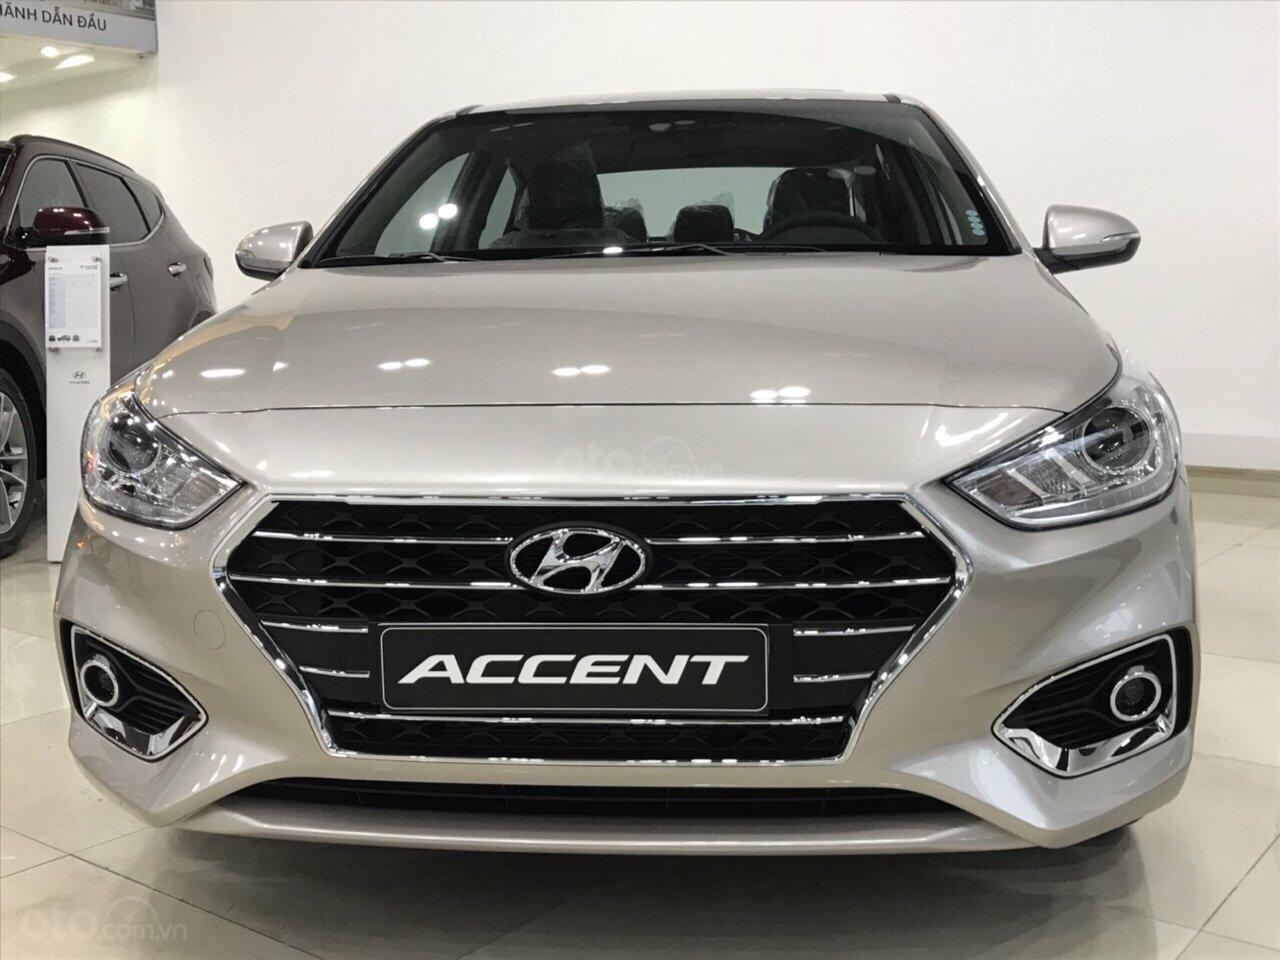 Hyundai Accent 2019 đủ màu, xe giao ngay - LH 0358406866-1